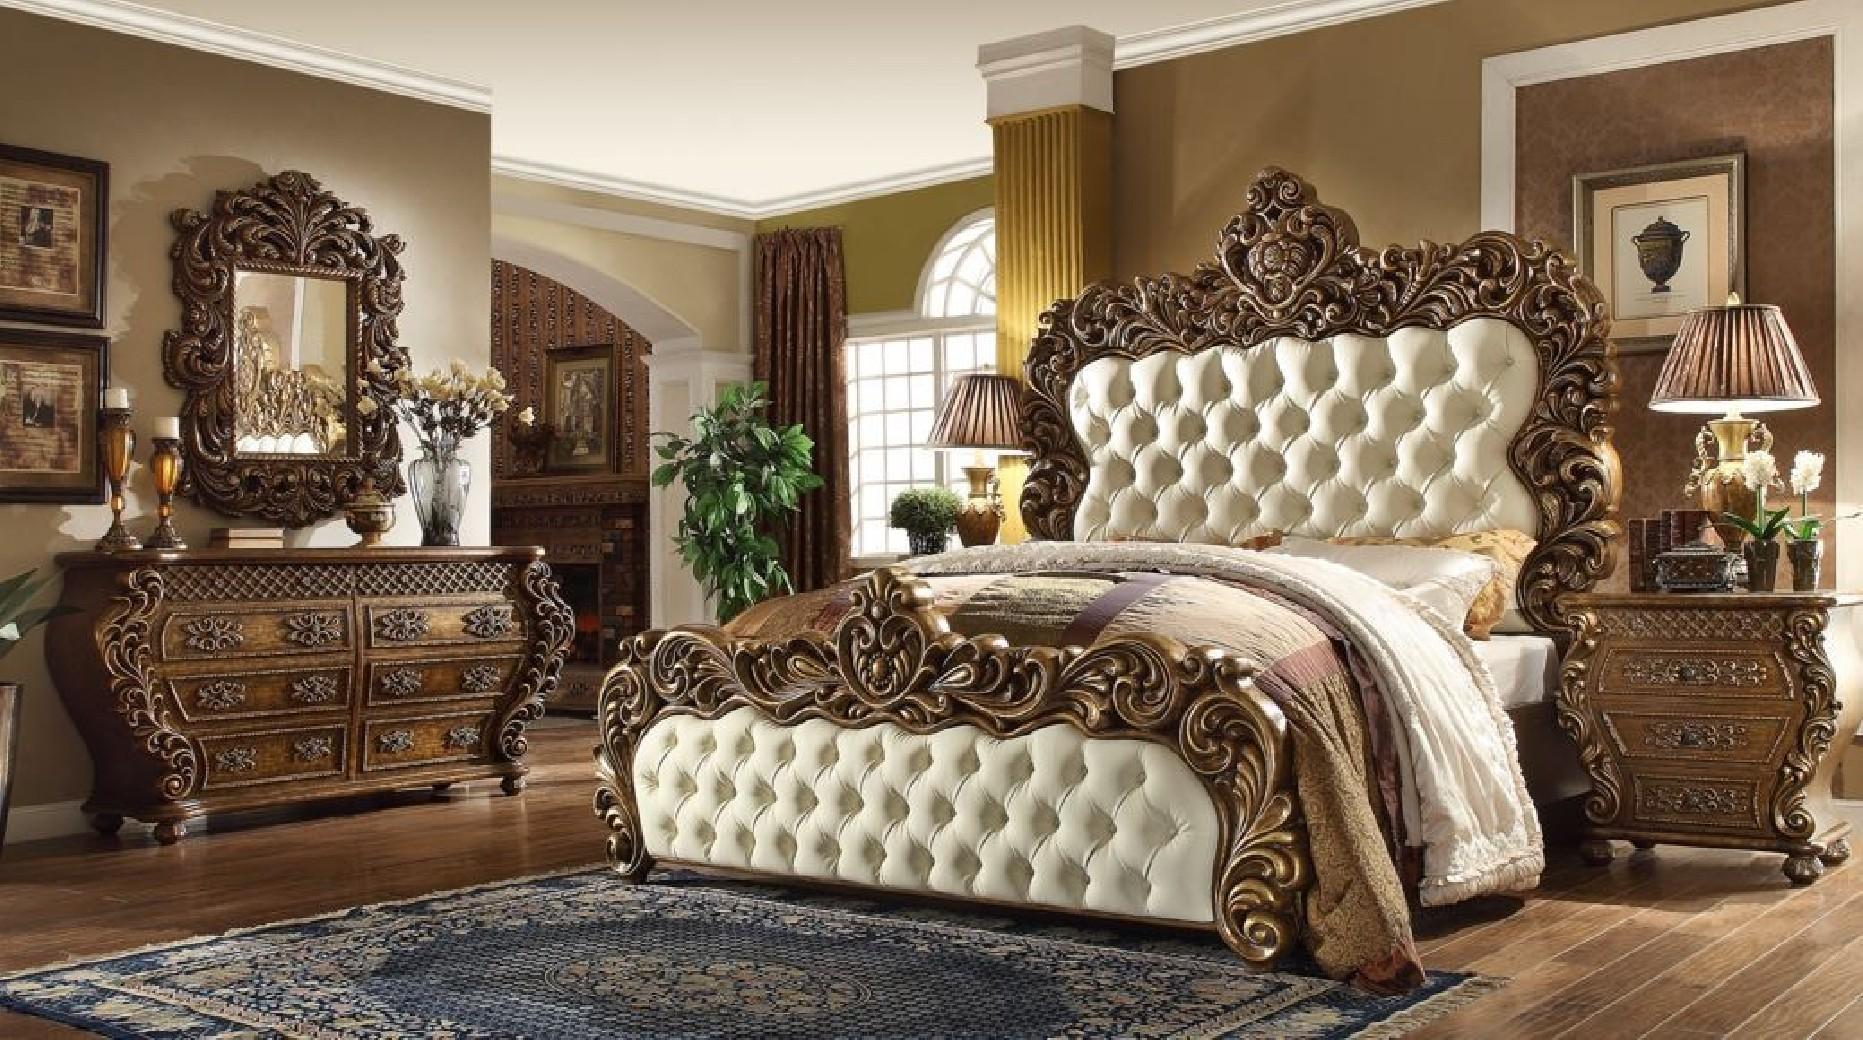 Hd 8011 Homey Design Juego De Recamara Estilo Victoriano Clasico Frances